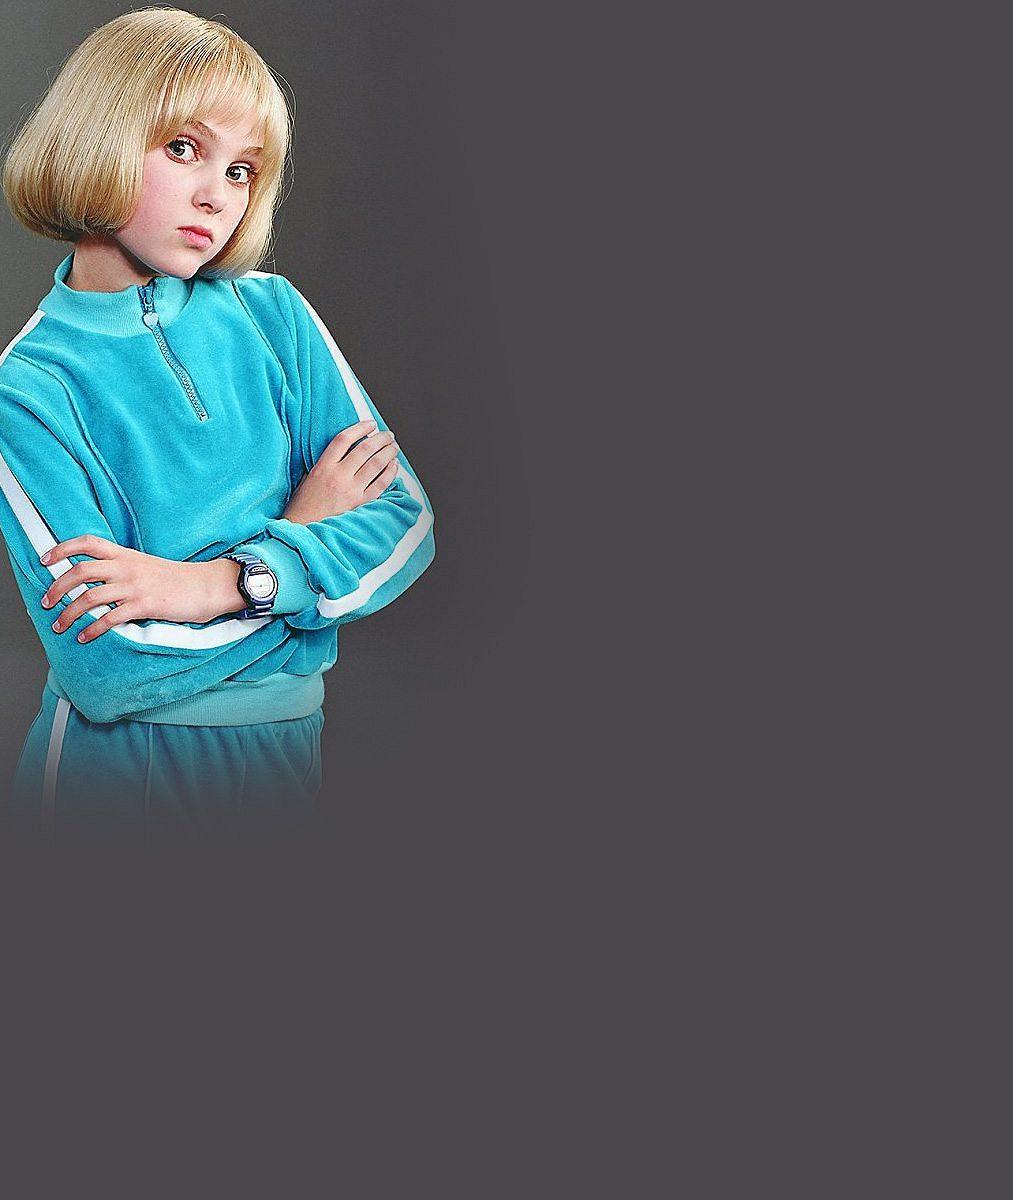 Pamatujete si na protivnou holku z filmu Karlík a továrna na čokoládu? Vyrostla z ní sexy kočka